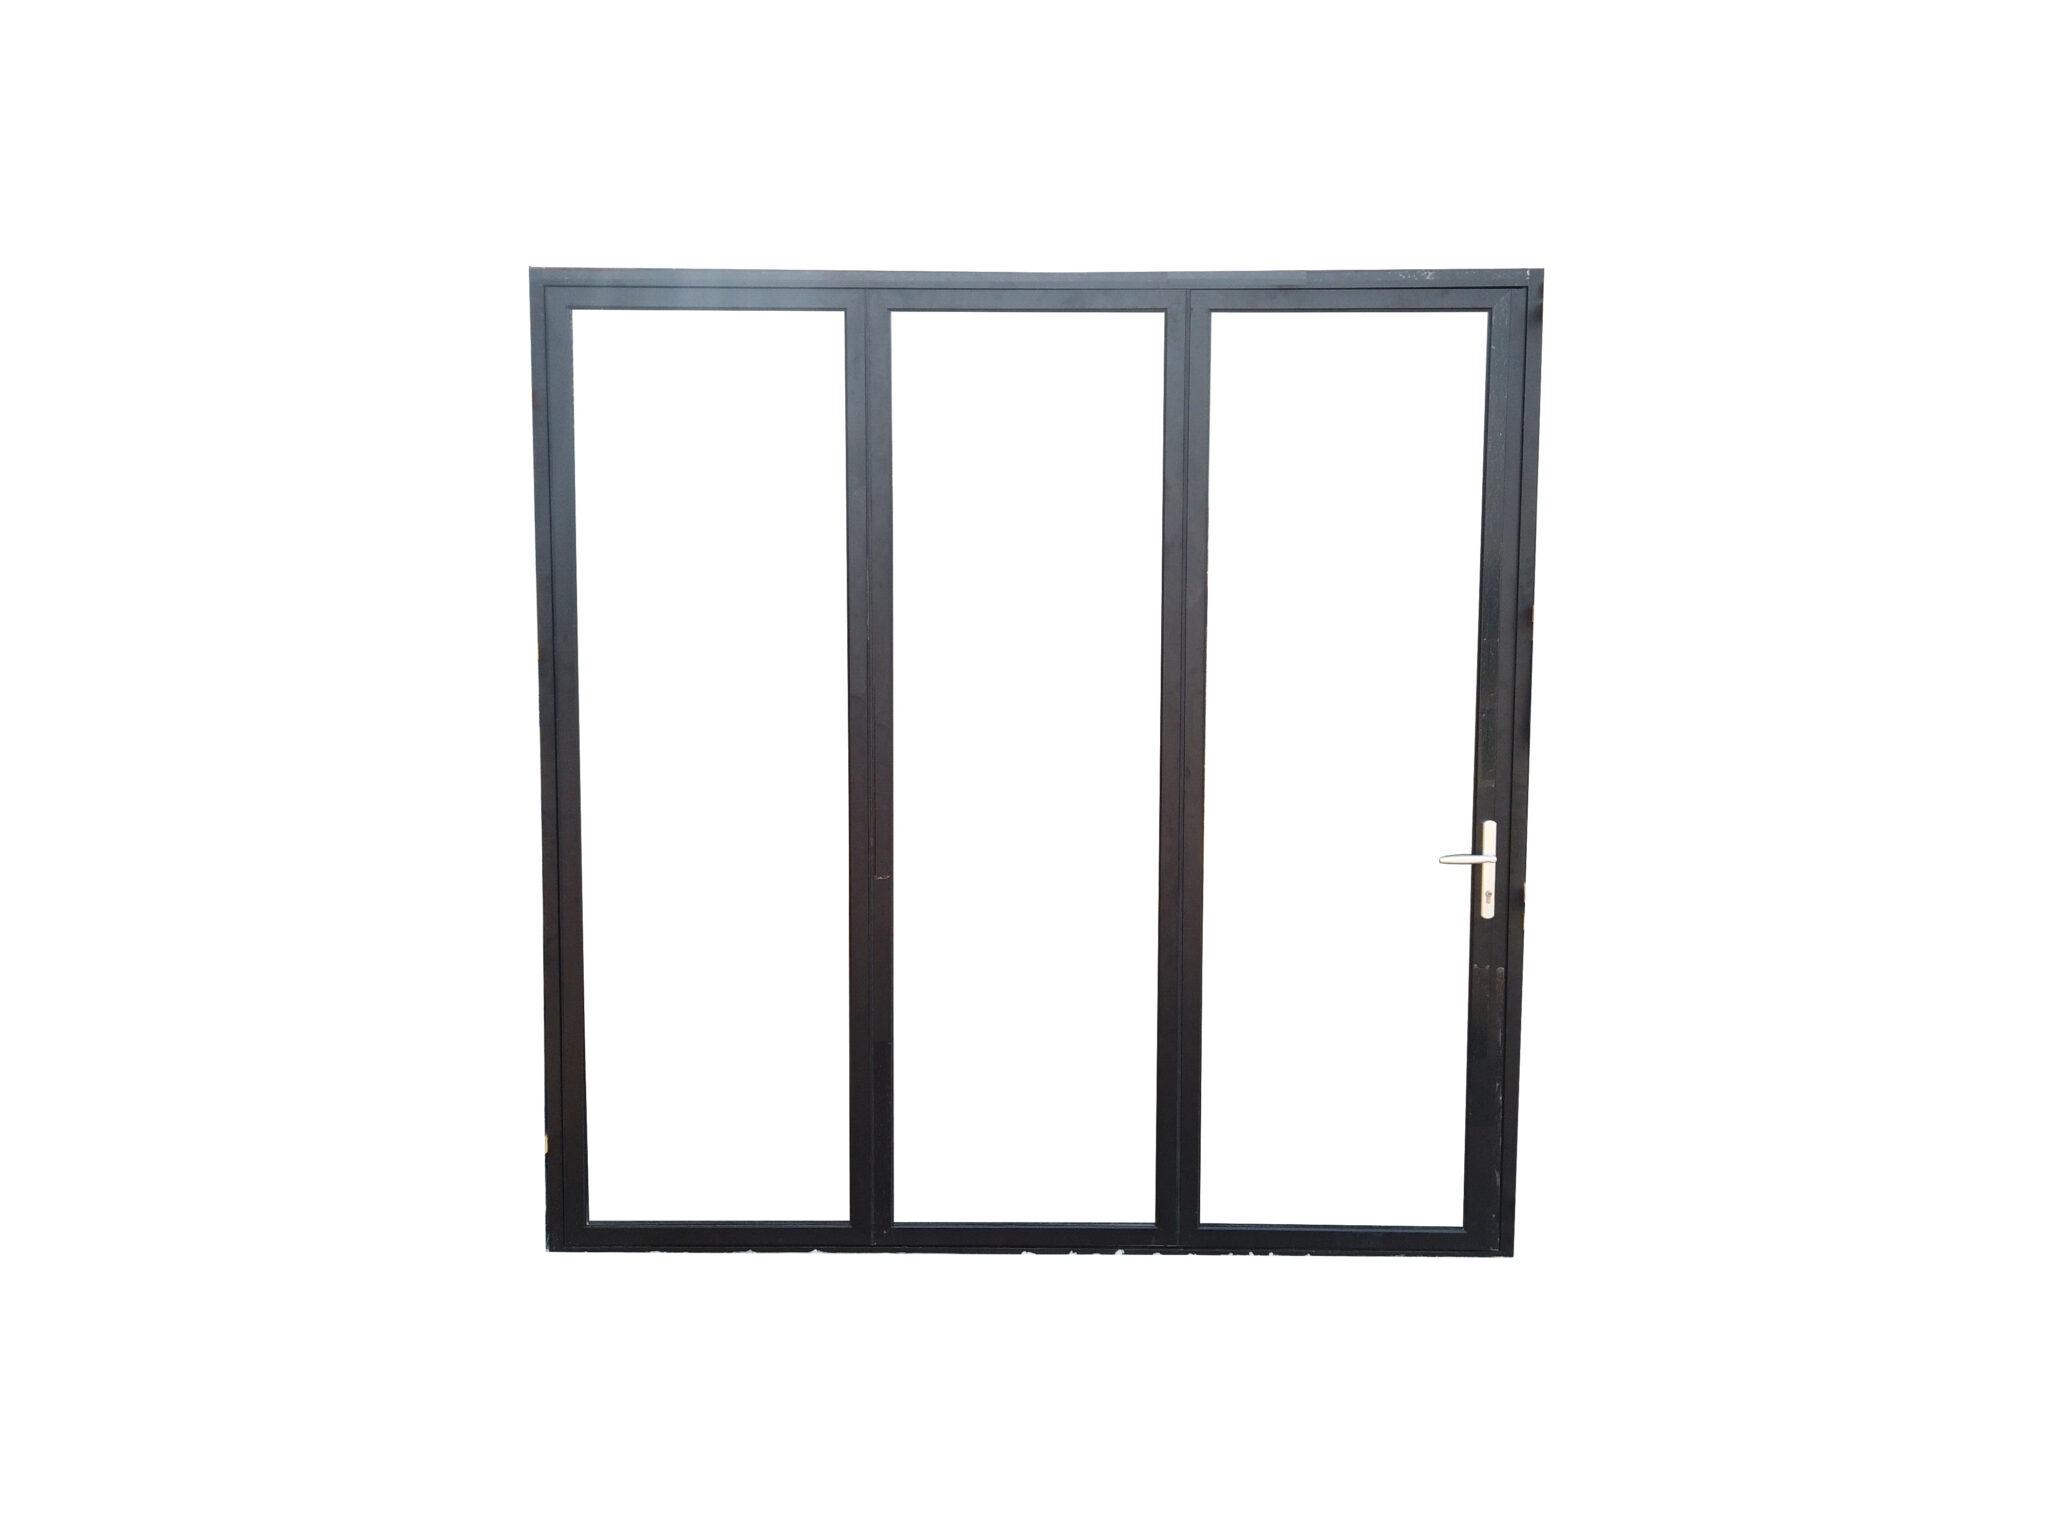 Teza Doors_60 Series folding Door